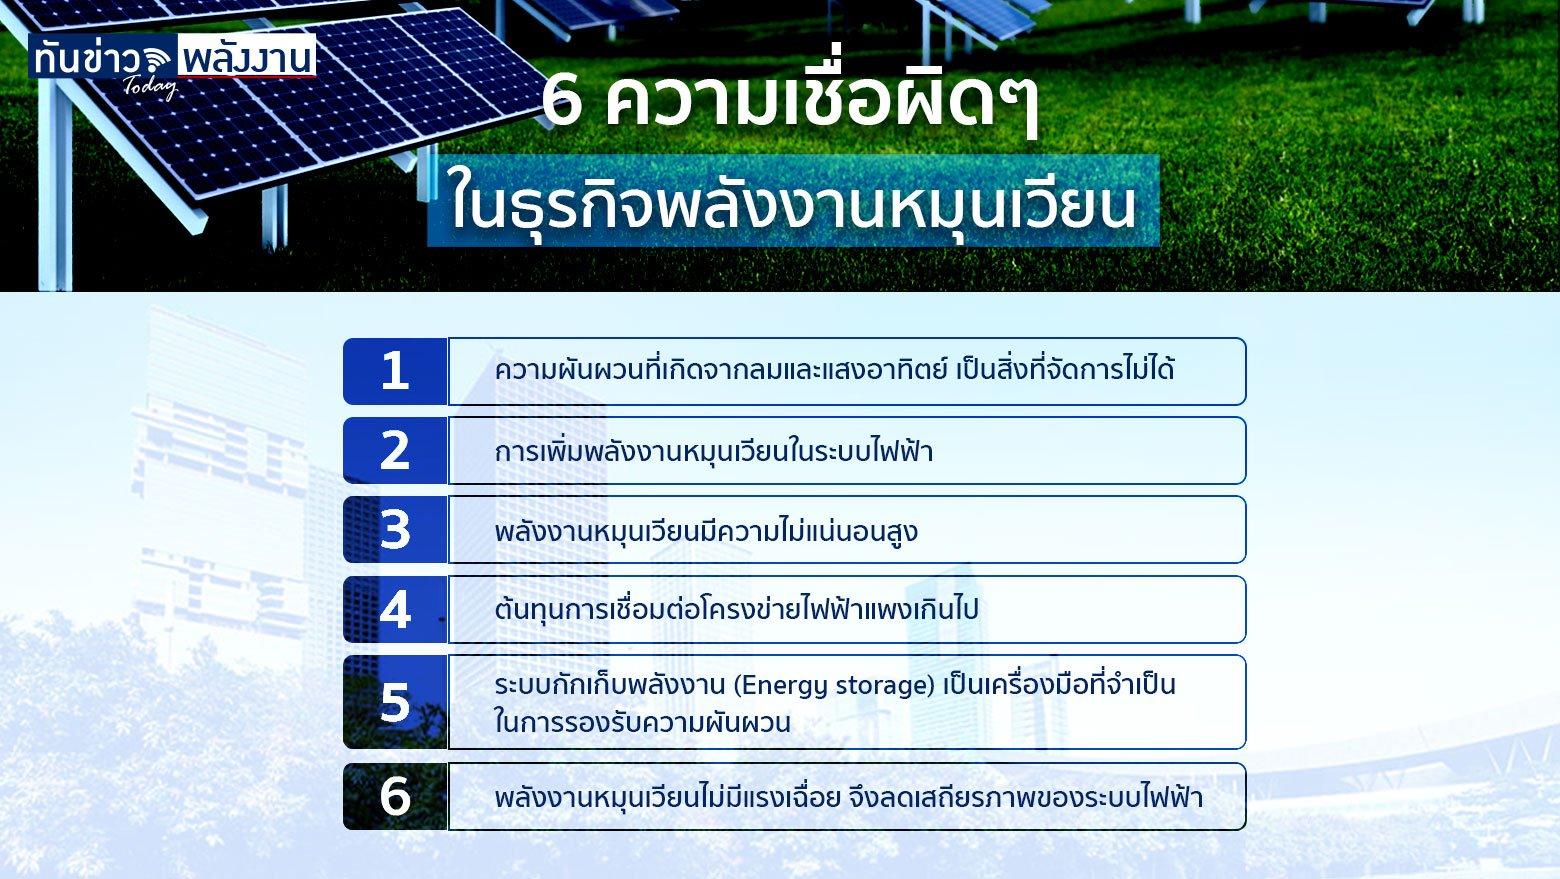 6 ความเชื่อผิดๆ ในธุรกิจพลังงานหมุนเวียน